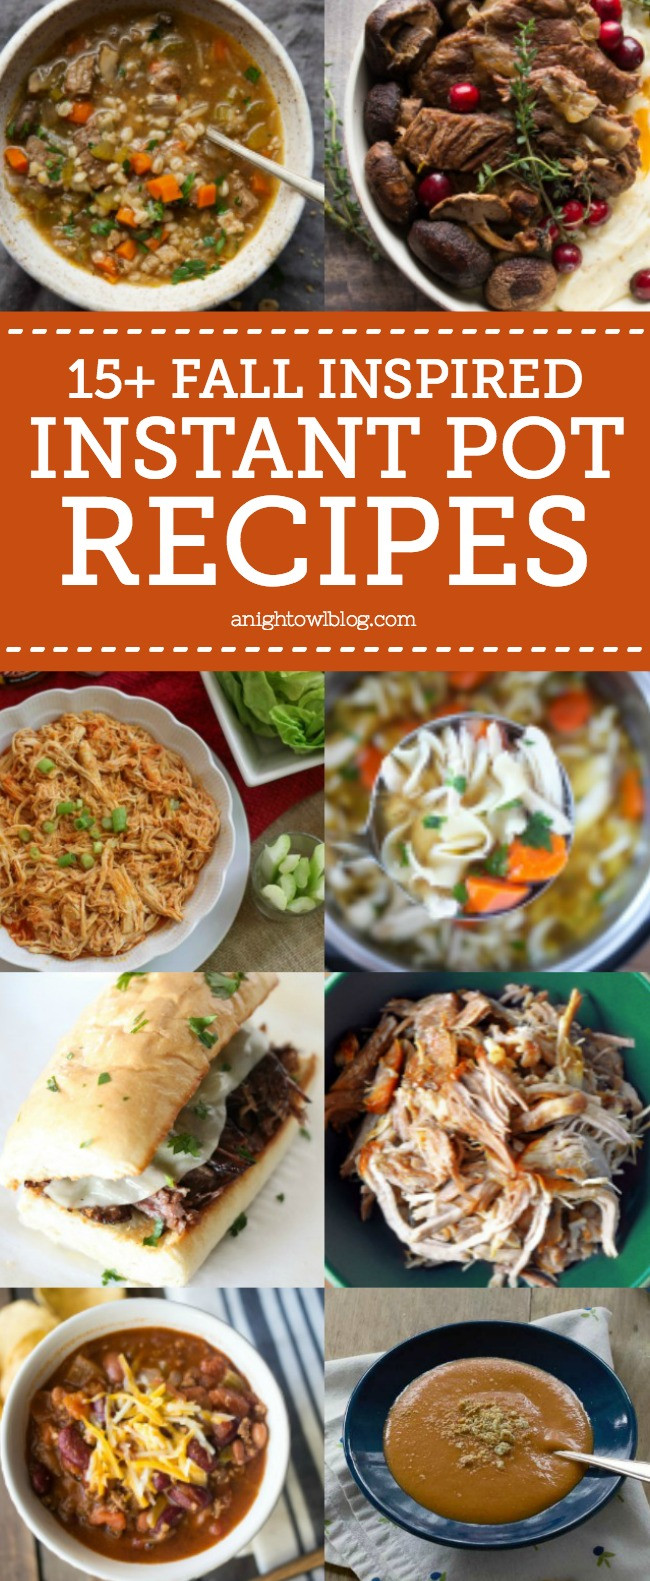 Fall Instant Pot Recipes  15 Fall Inspired Instant Pot Recipes